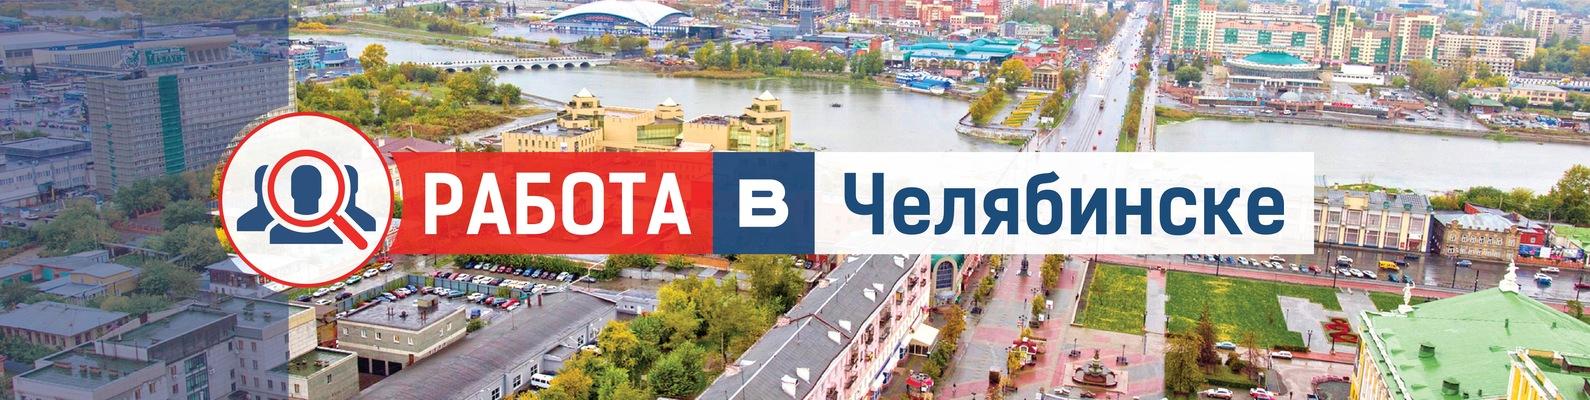 chelyabinska-na-rabote